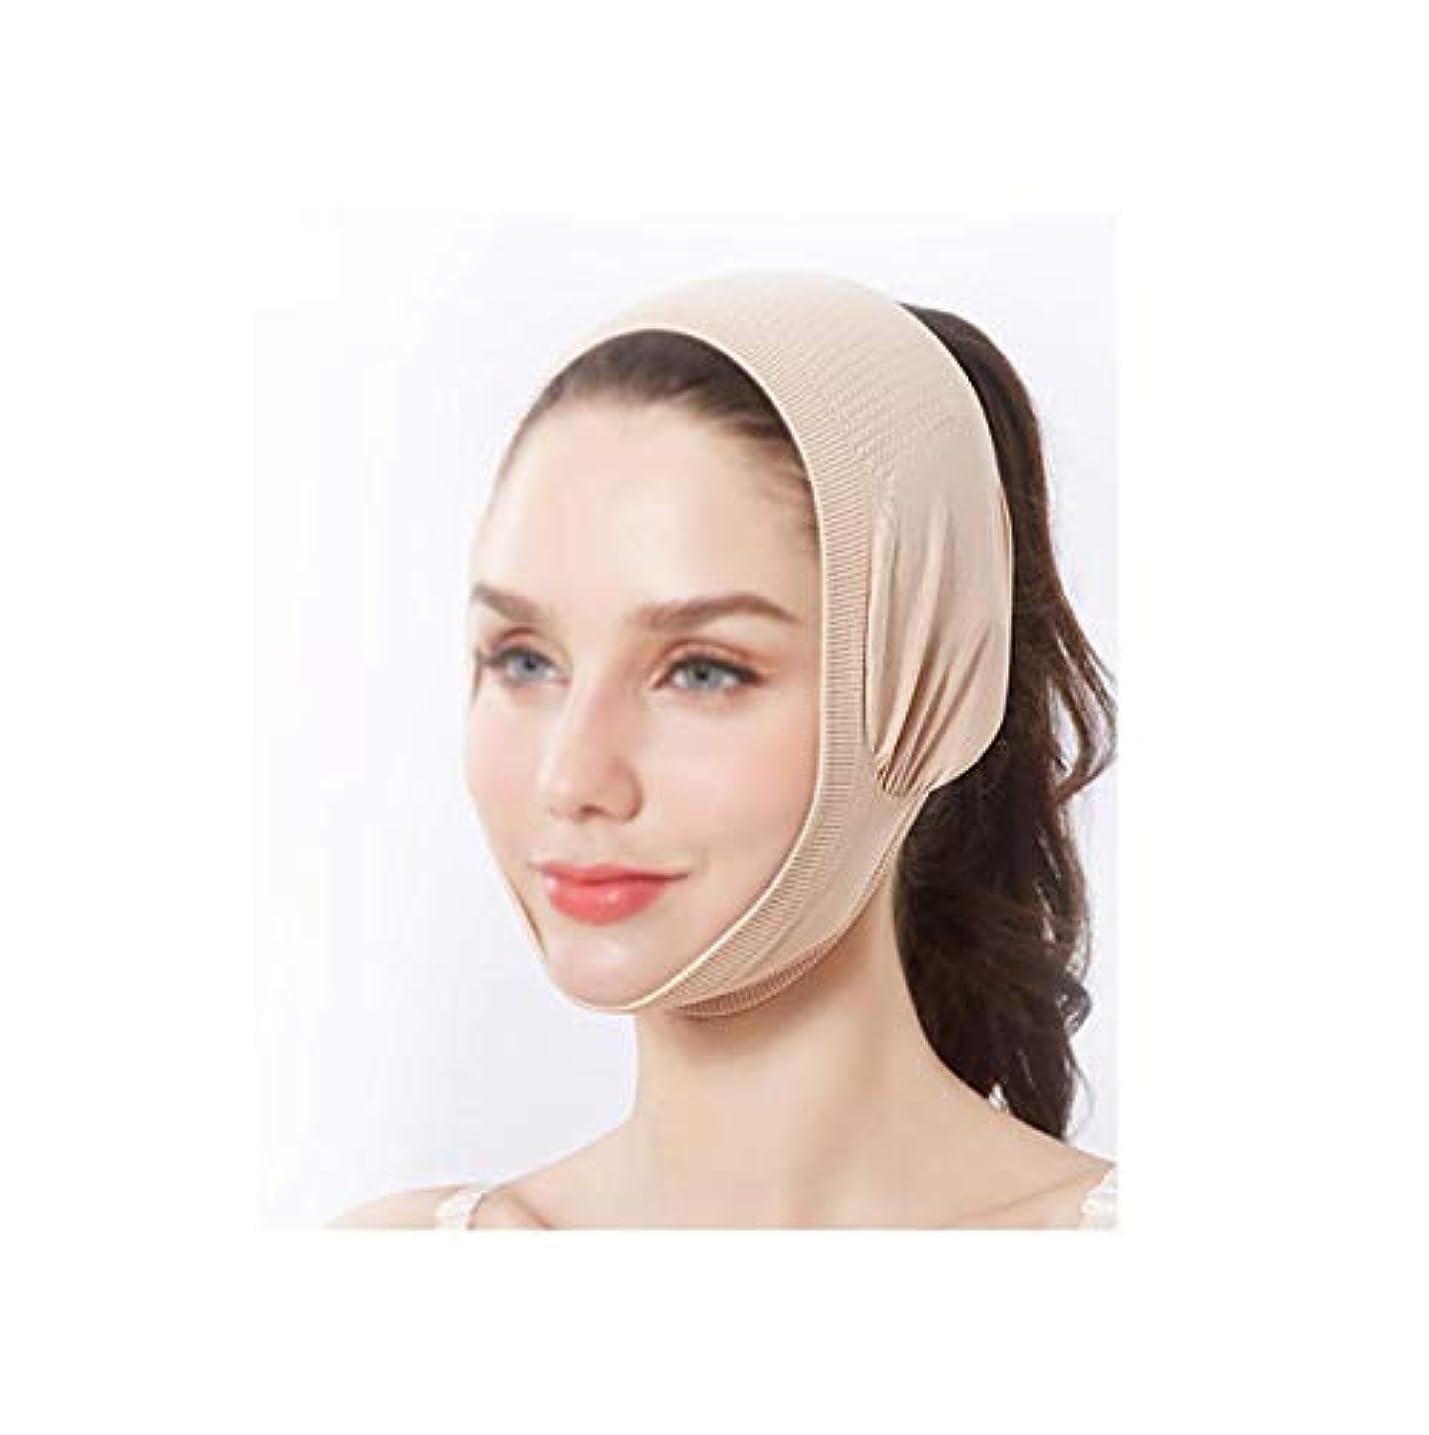 同盟中間運賃フェイスリフトマスク、フェイシャルマスクエクステンション強度フェイスレス包帯バンディオンフェイスラージVラインカービングフェイスバックカバーネックストラップ(カラー:肌の色)